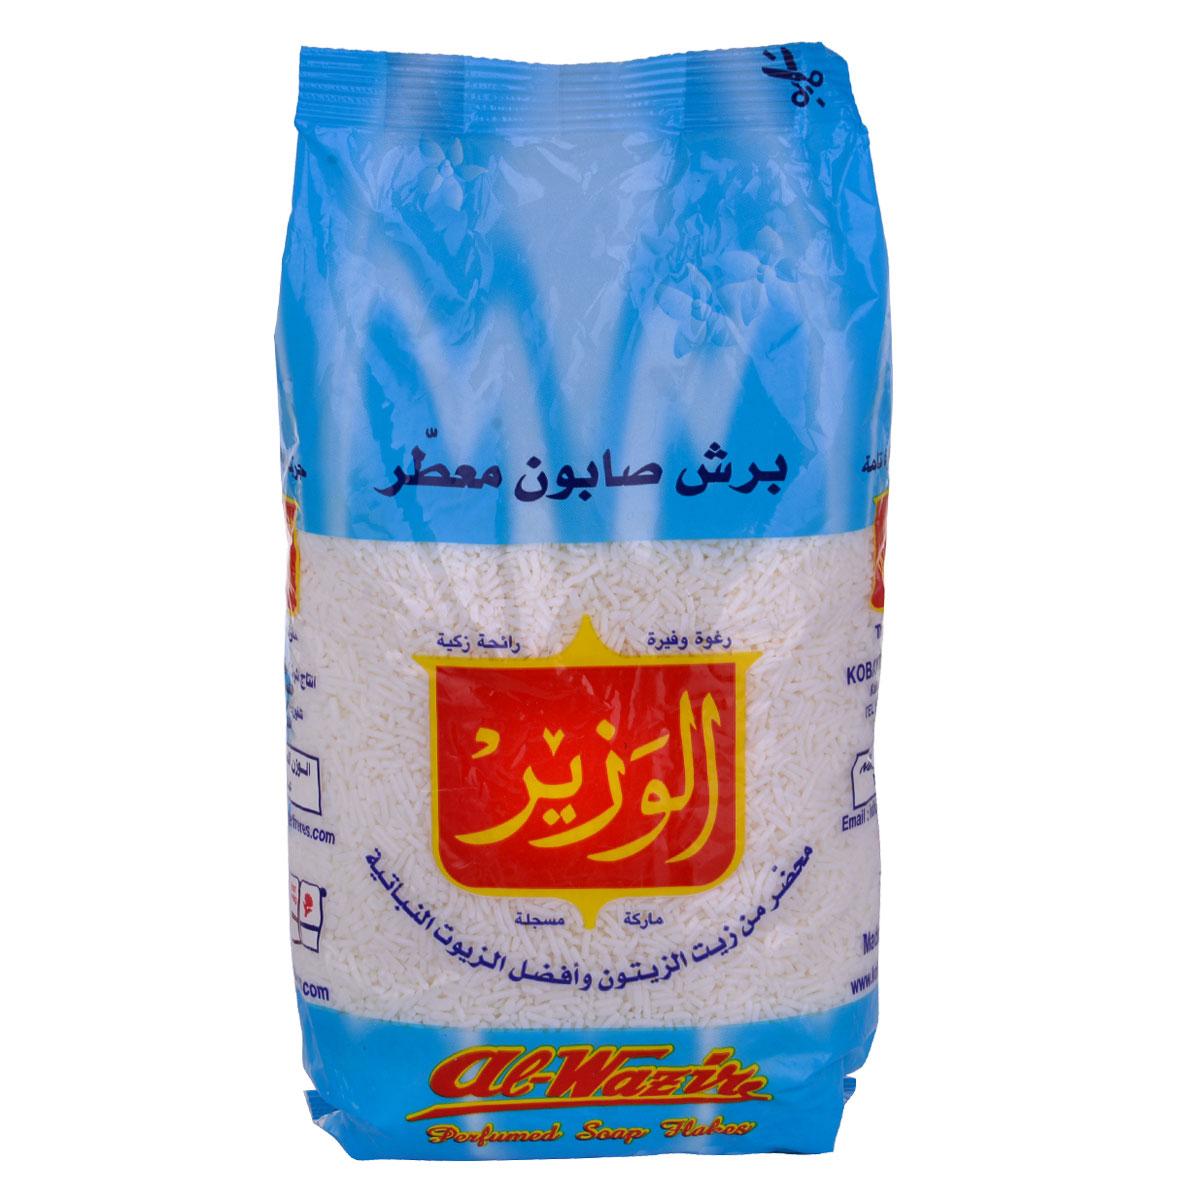 صابون برش معطر الوزير  450 جرام